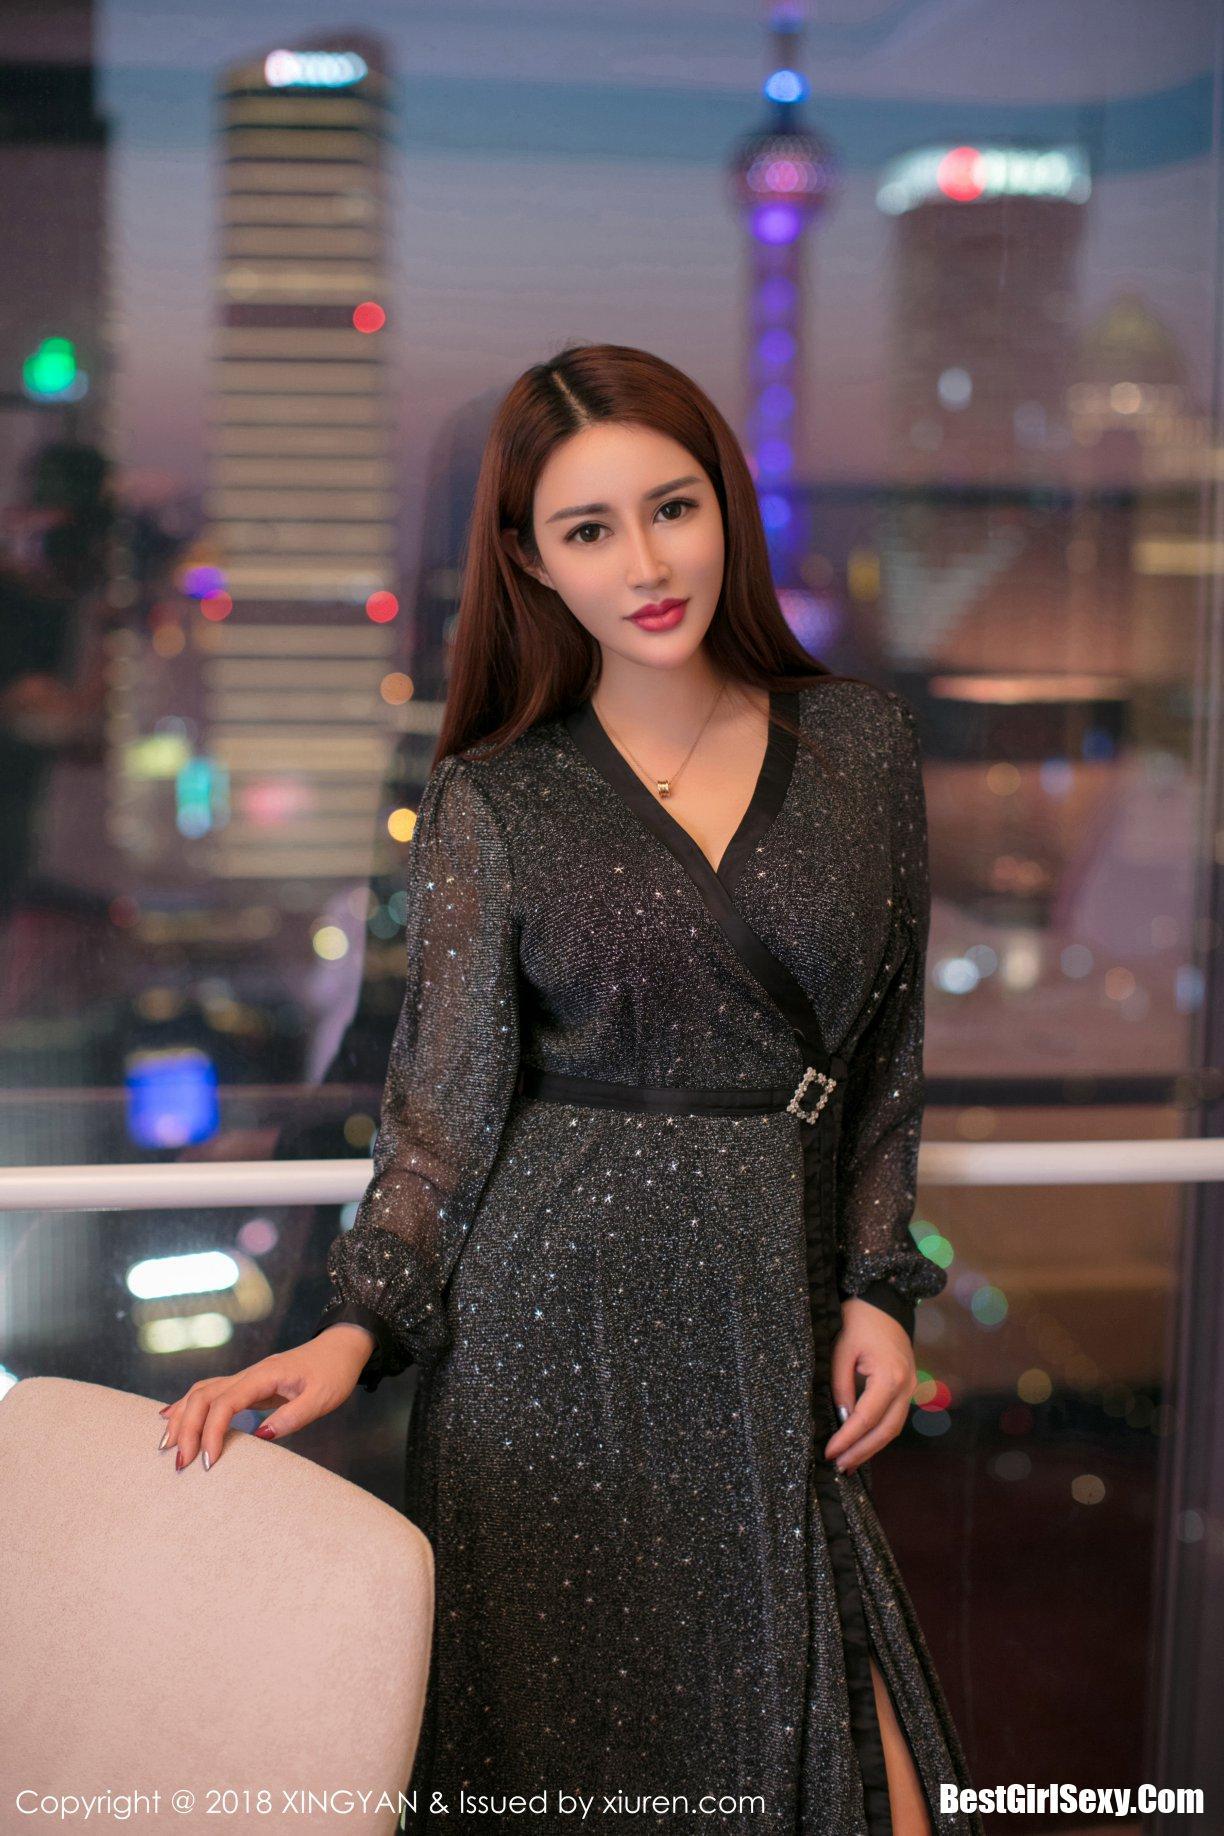 XingYan星颜社 VOL.050 liyiyi, XingYan星颜社 VOL.050, liyiyi